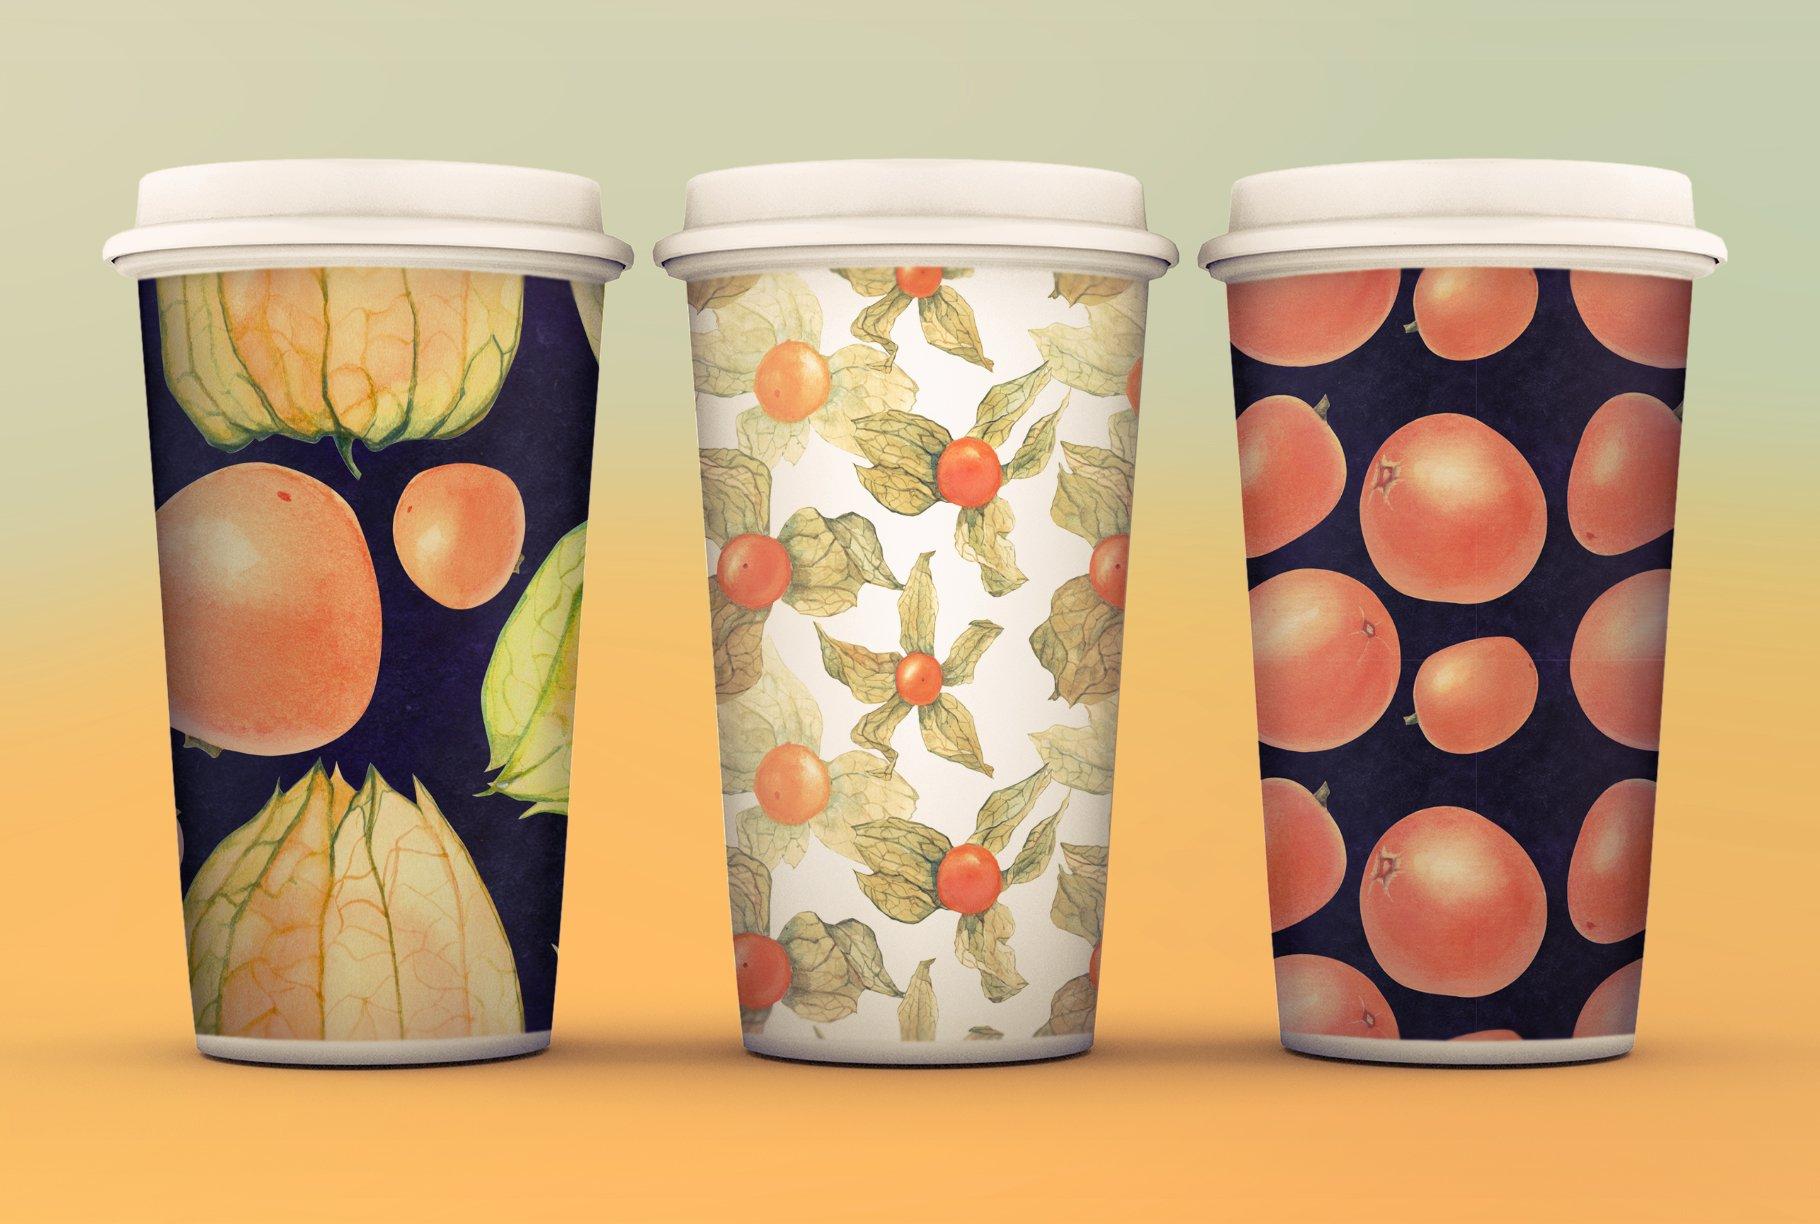 现代水彩水果装饰图案插图PNG透明图片素材 Physalis Botanical Watercolor插图(6)